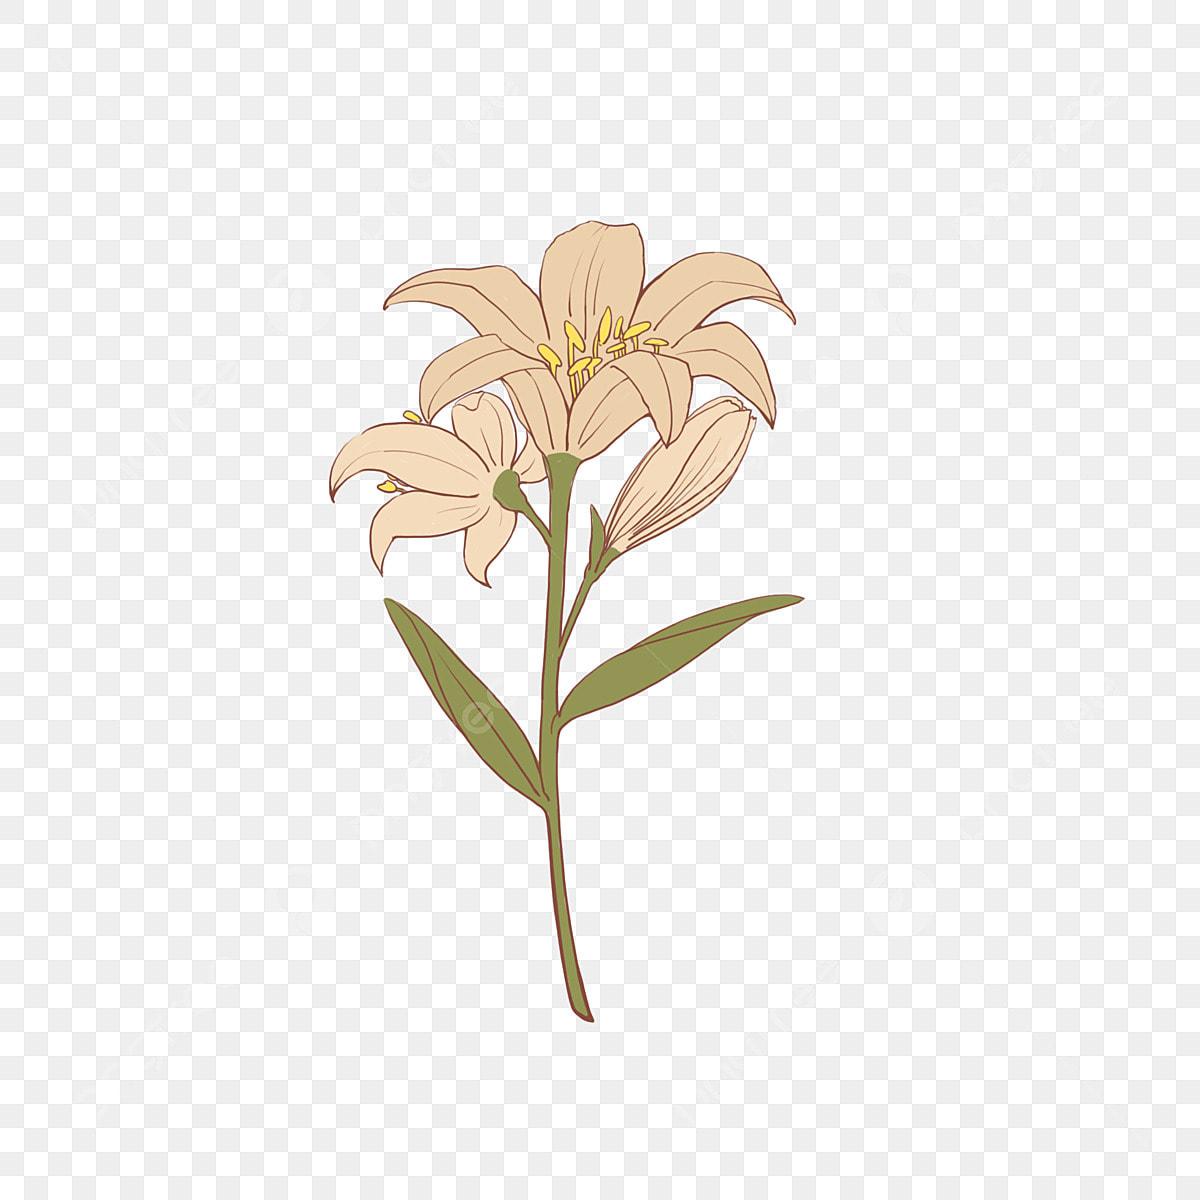 lis blanc lis blanc lily fleur fichier png et psd pour le t u00e9l u00e9chargement libre